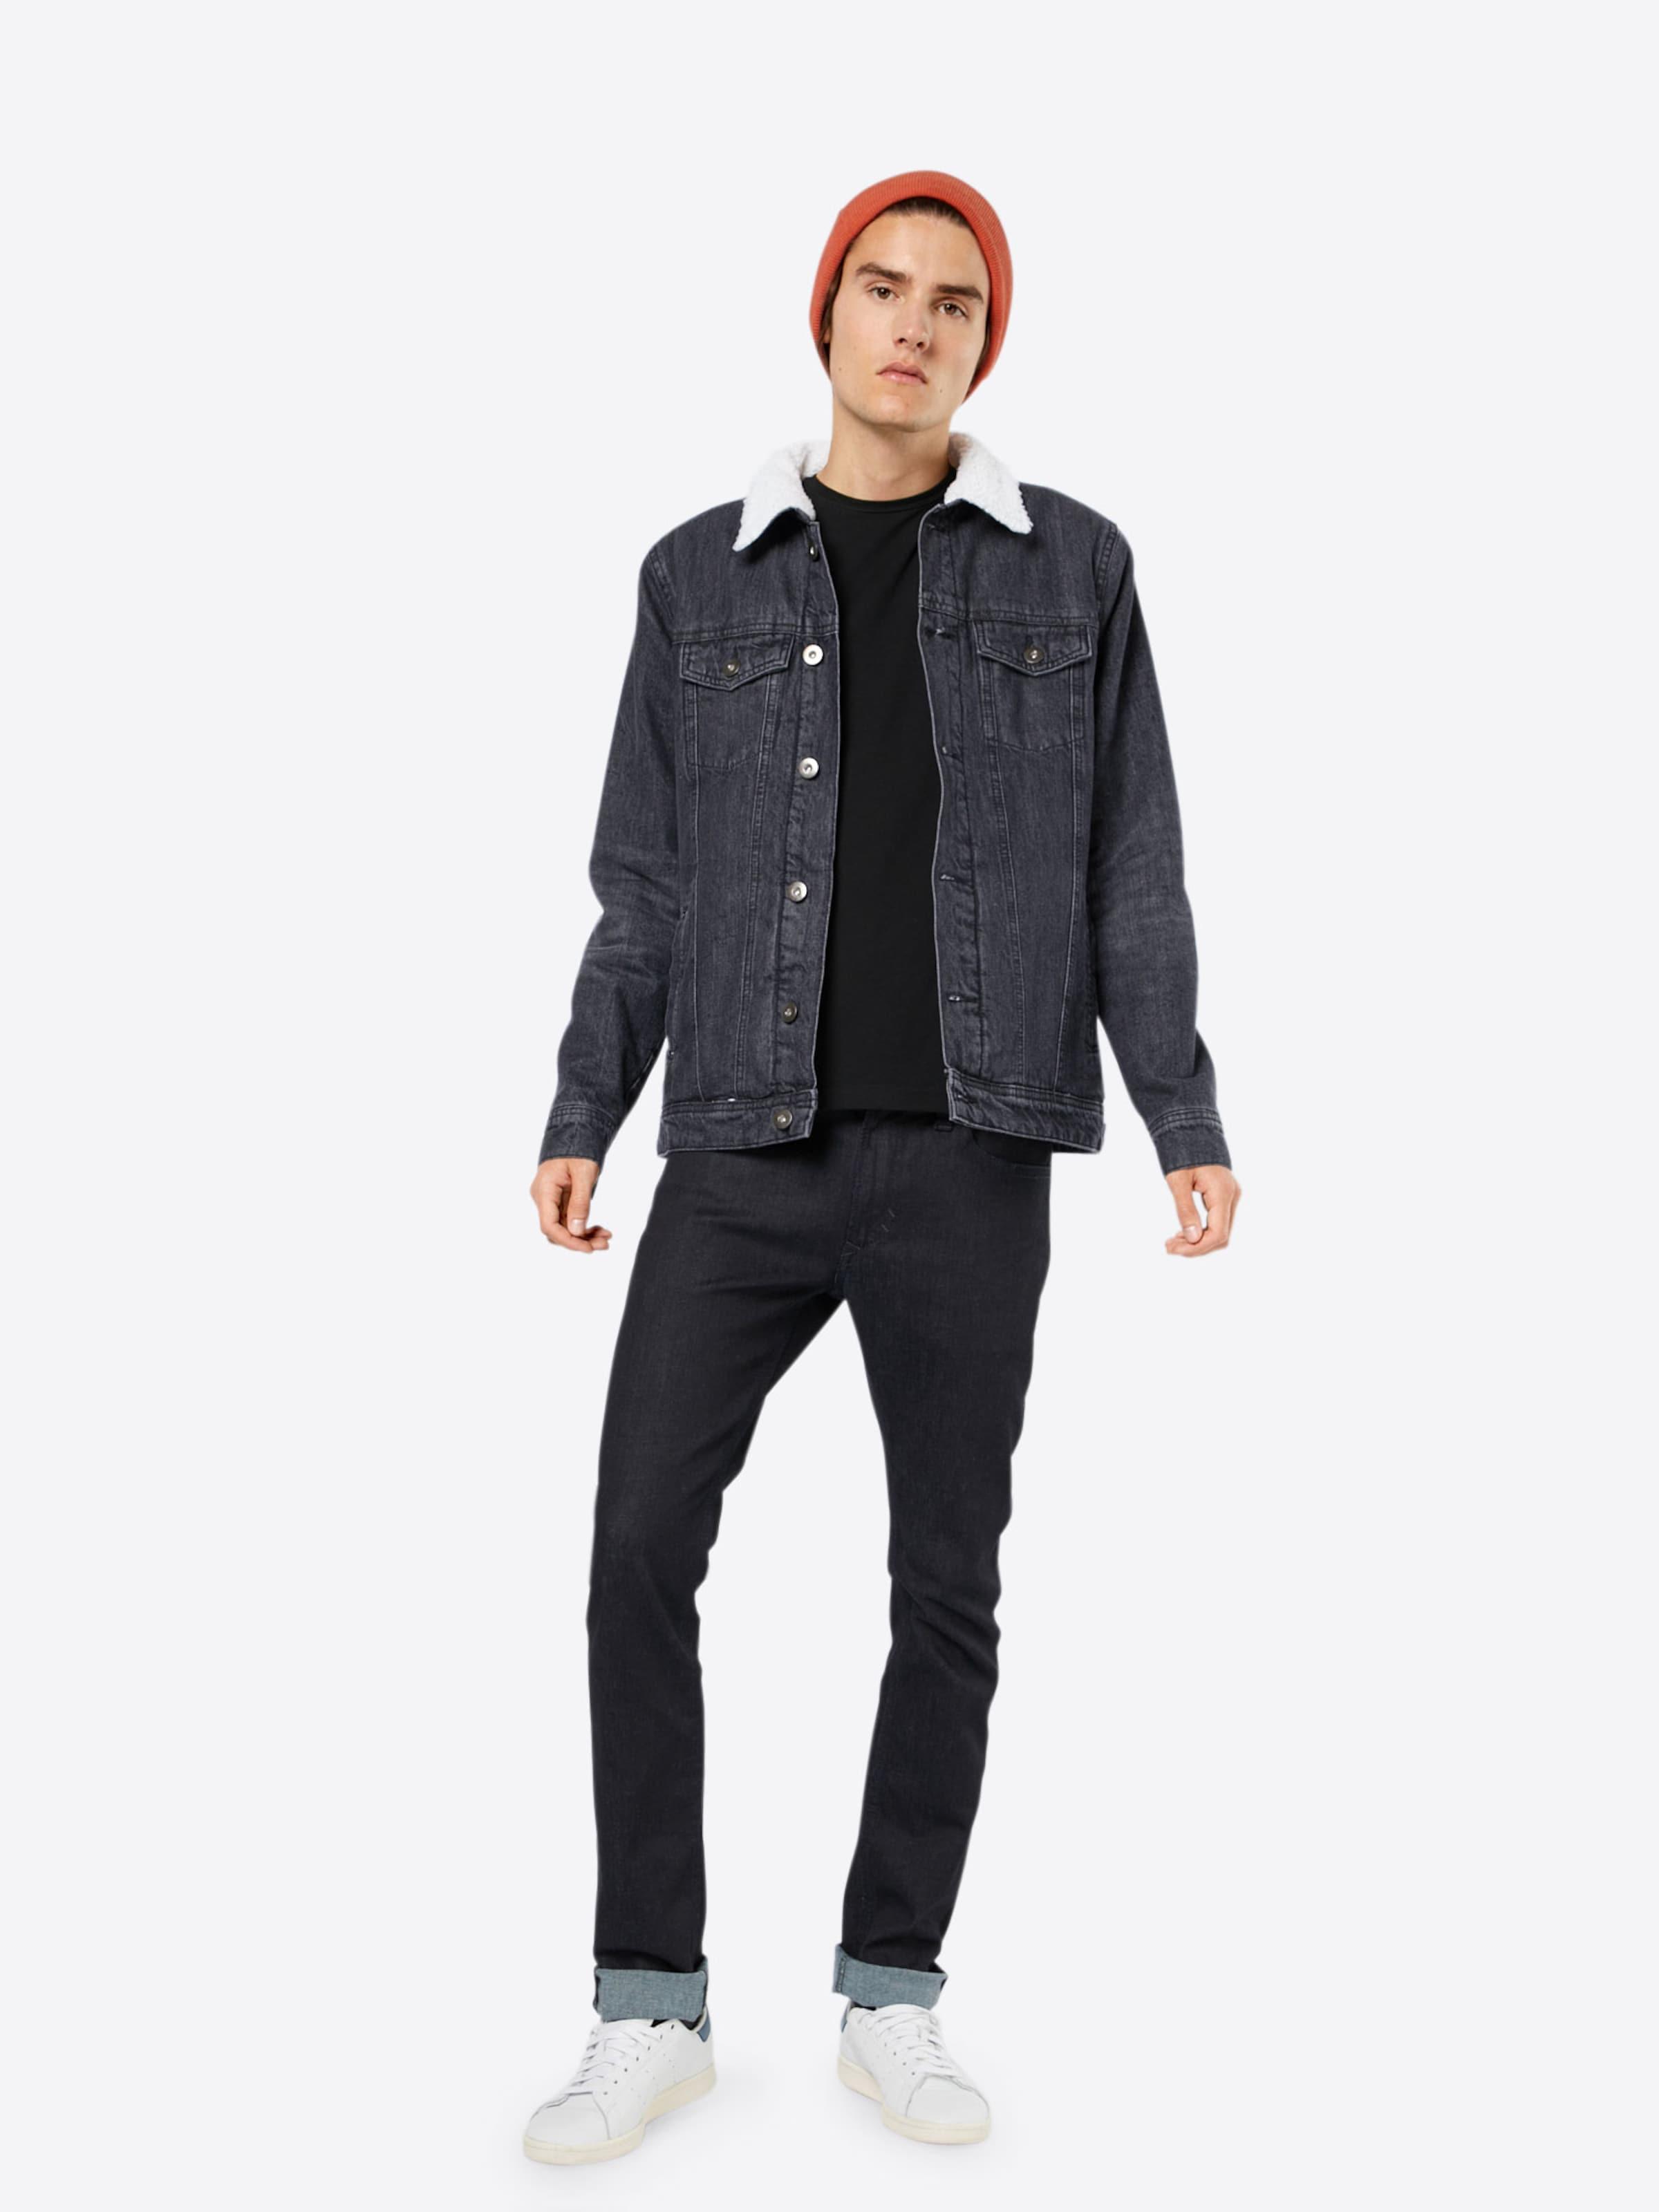 Urban Classics Jeansjacke 'Sherpa' Verkauf Outlet-Store Günstig Kaufen 100% Authentisch Rabatt-Shop XRrFHwms